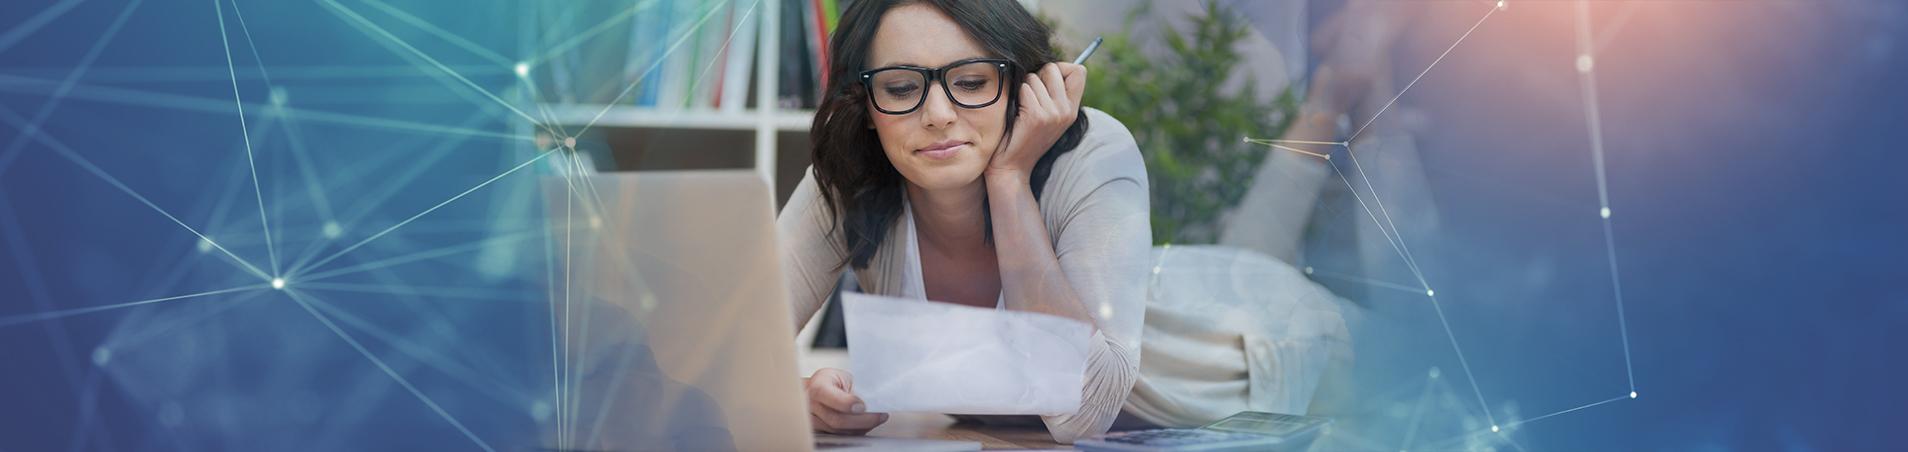 travail à domicile gagner argent de chez soi